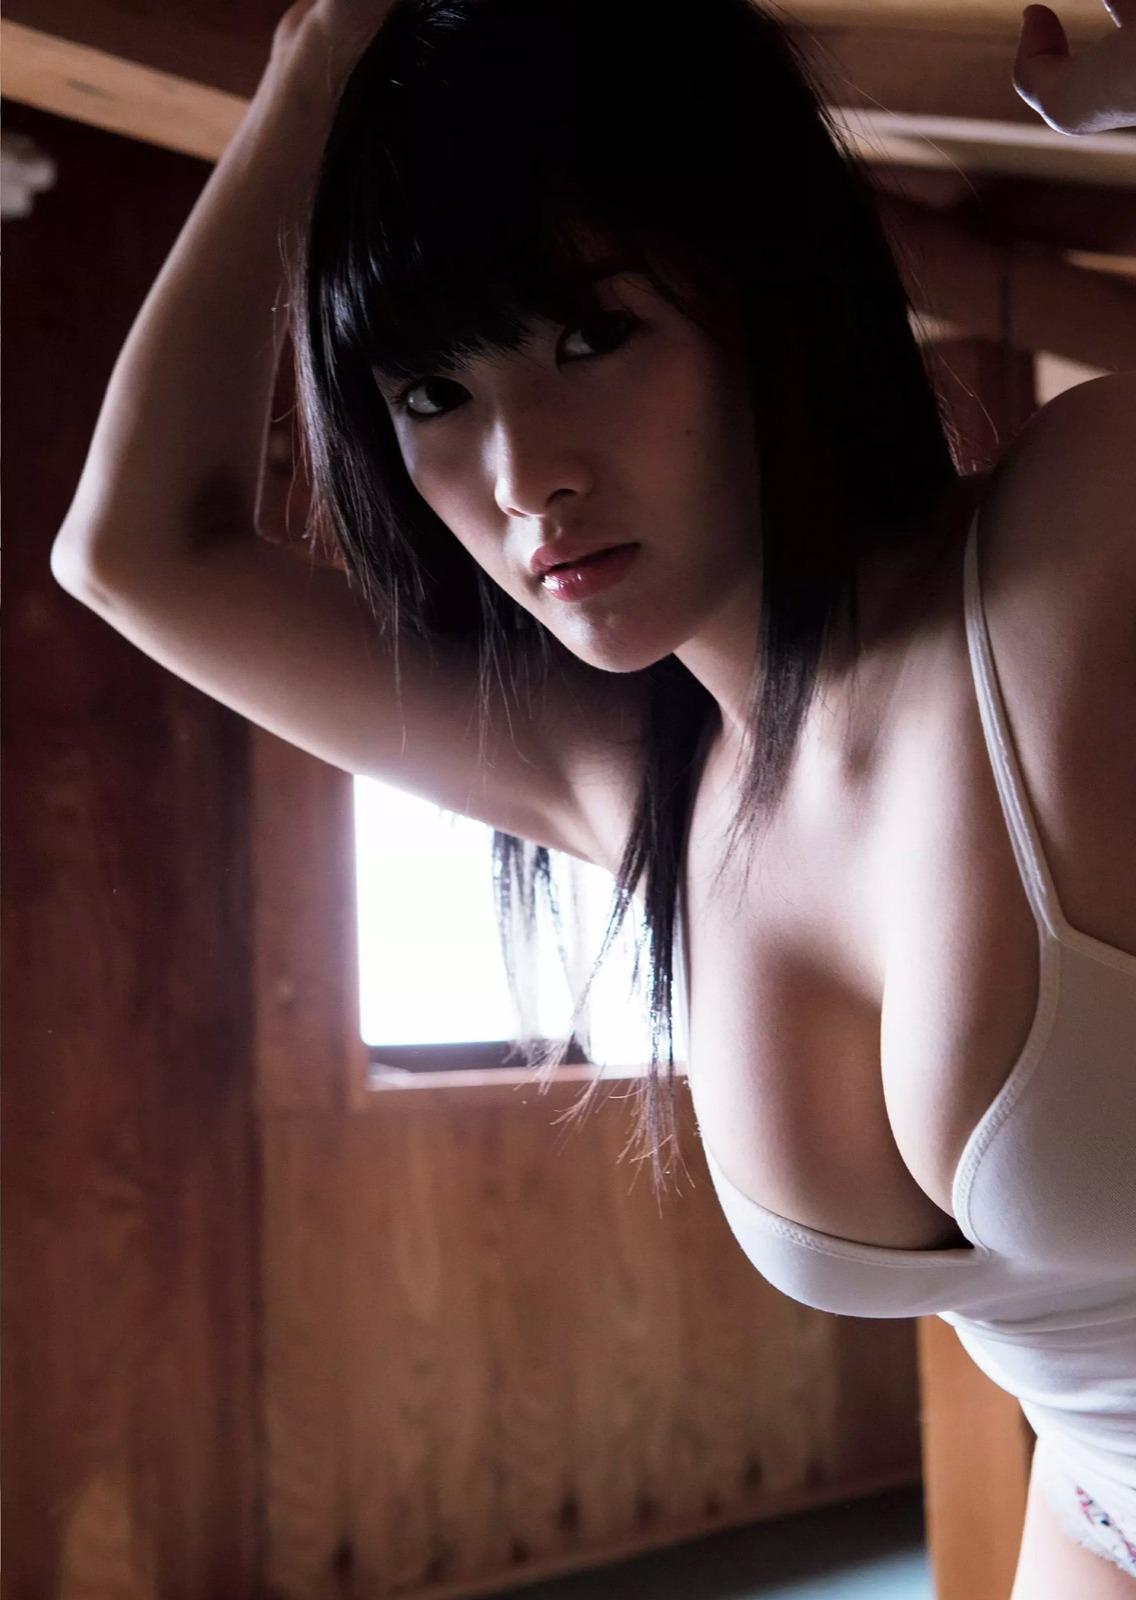 Kamiya Erina 神谷えりな, Weekly Playboy 2017 No.41 (週刊プレイボーイ 2017年41号)